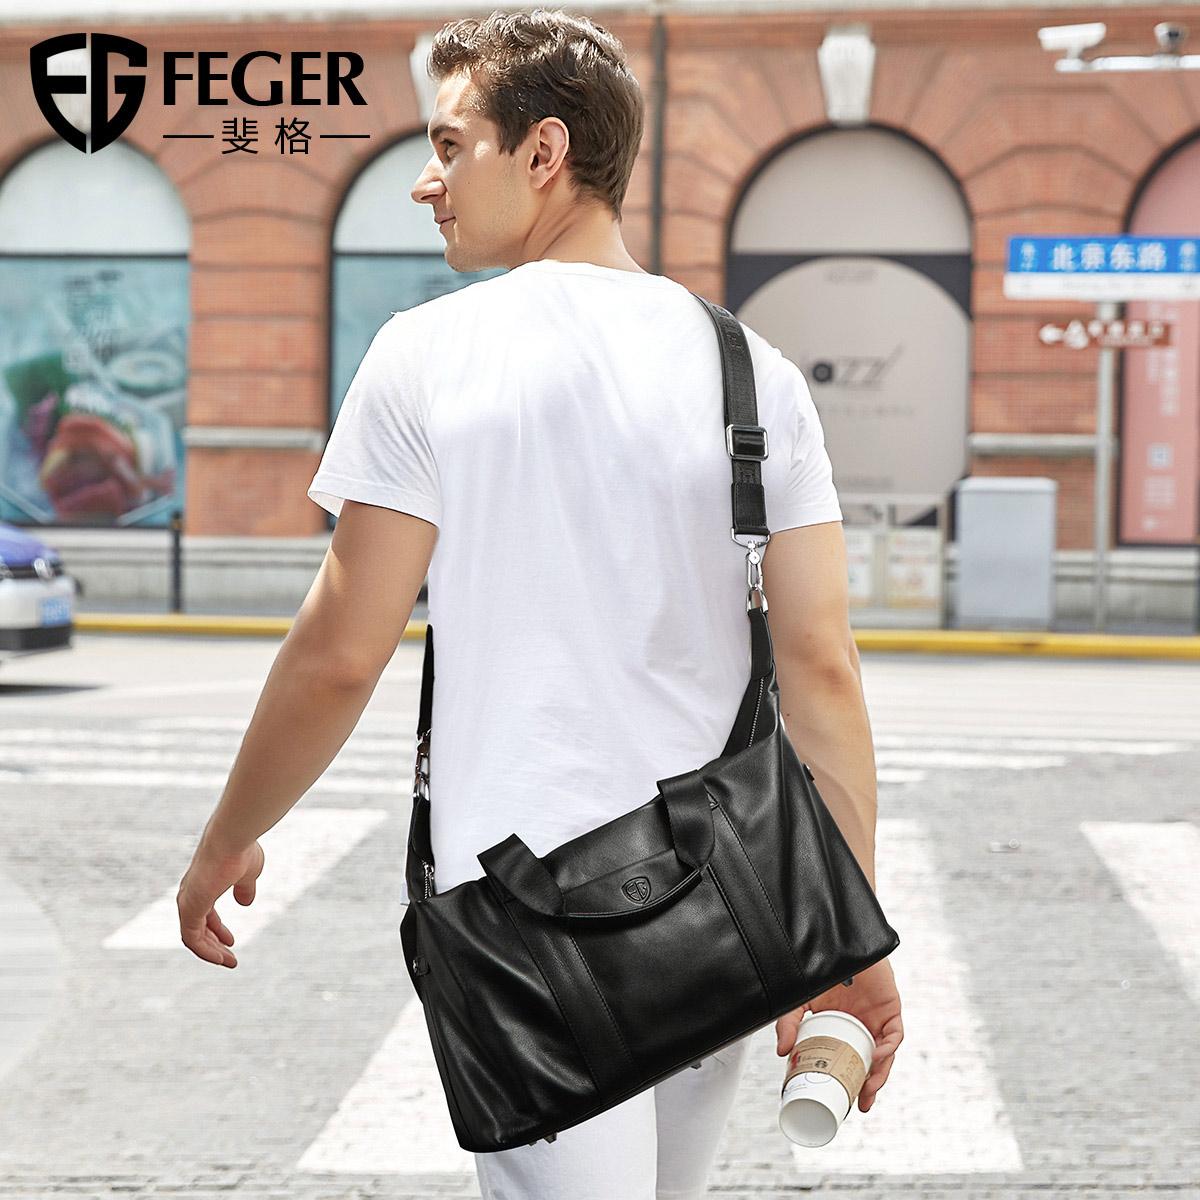 真皮旅行包男手提大容量旅行袋短途出差包牛皮休闲拉杆轻便行李包